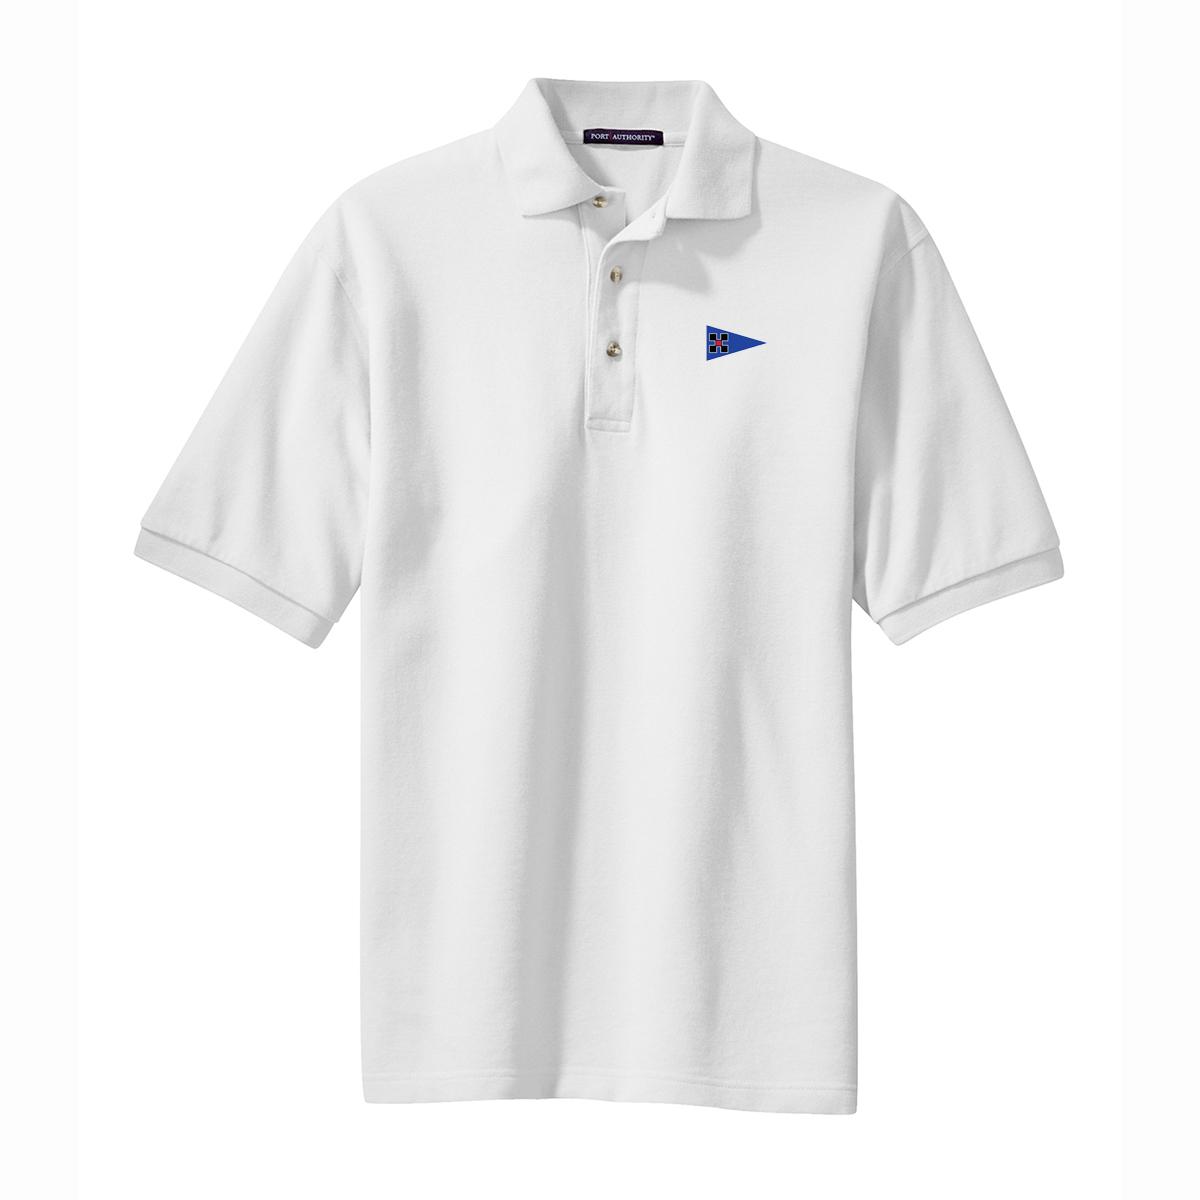 Castine Yacht Club - Men's Cotton Polo